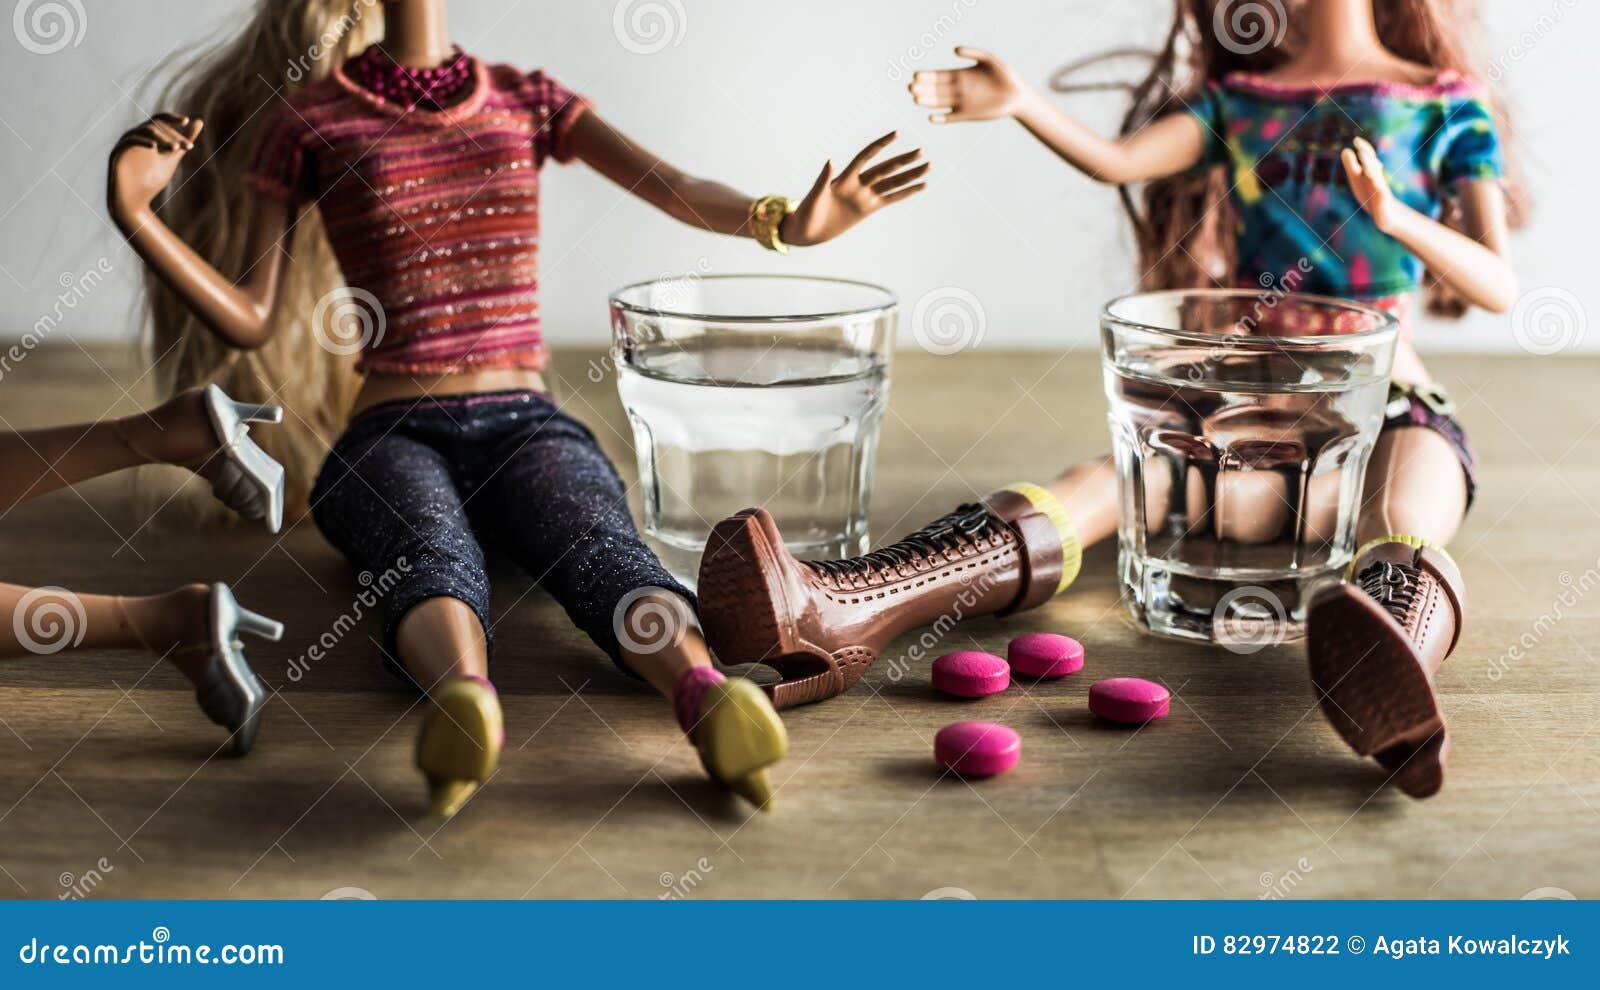 Doll die met schoten van wodka en roze pillen partying